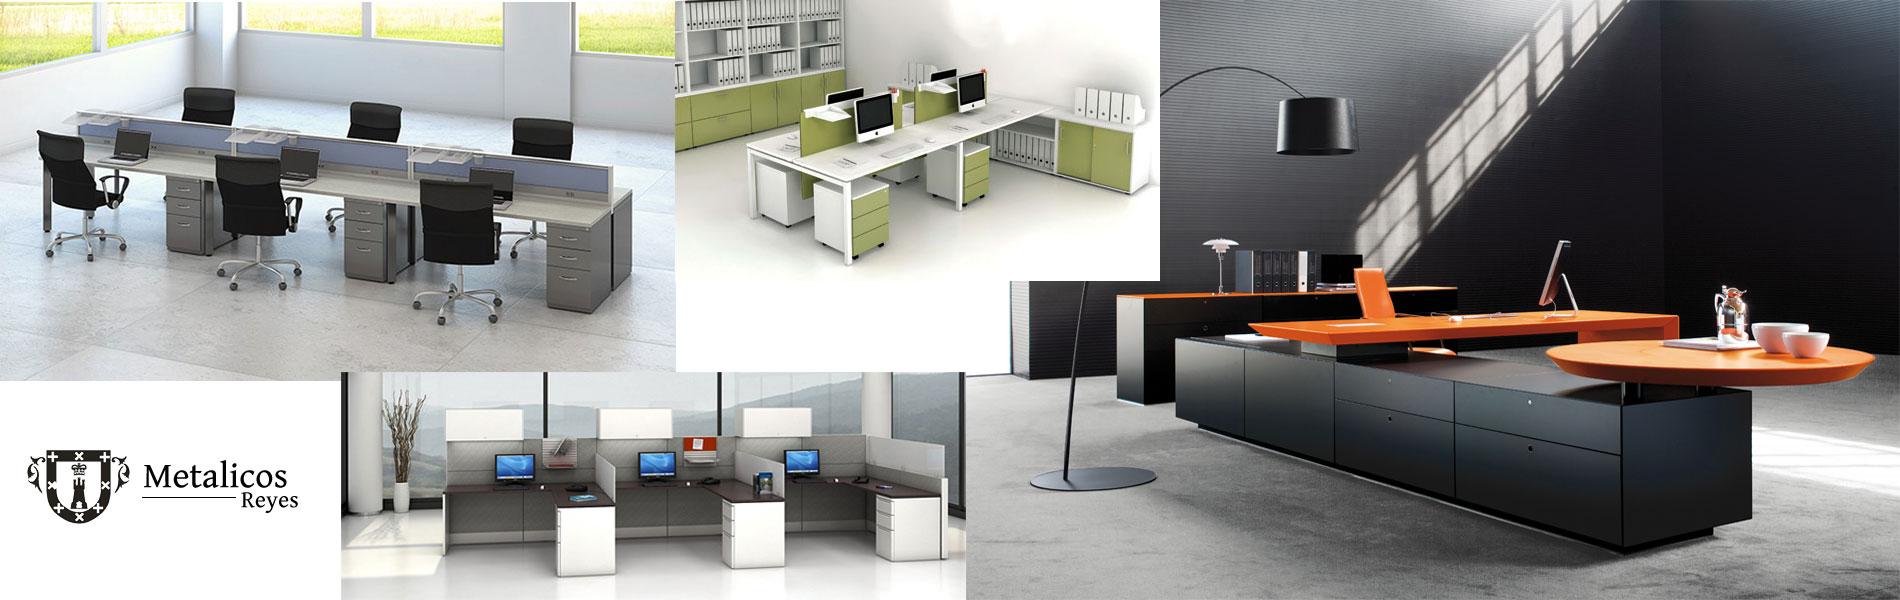 Muebles para oficina metalicos reyes for Precios de muebles para oficina